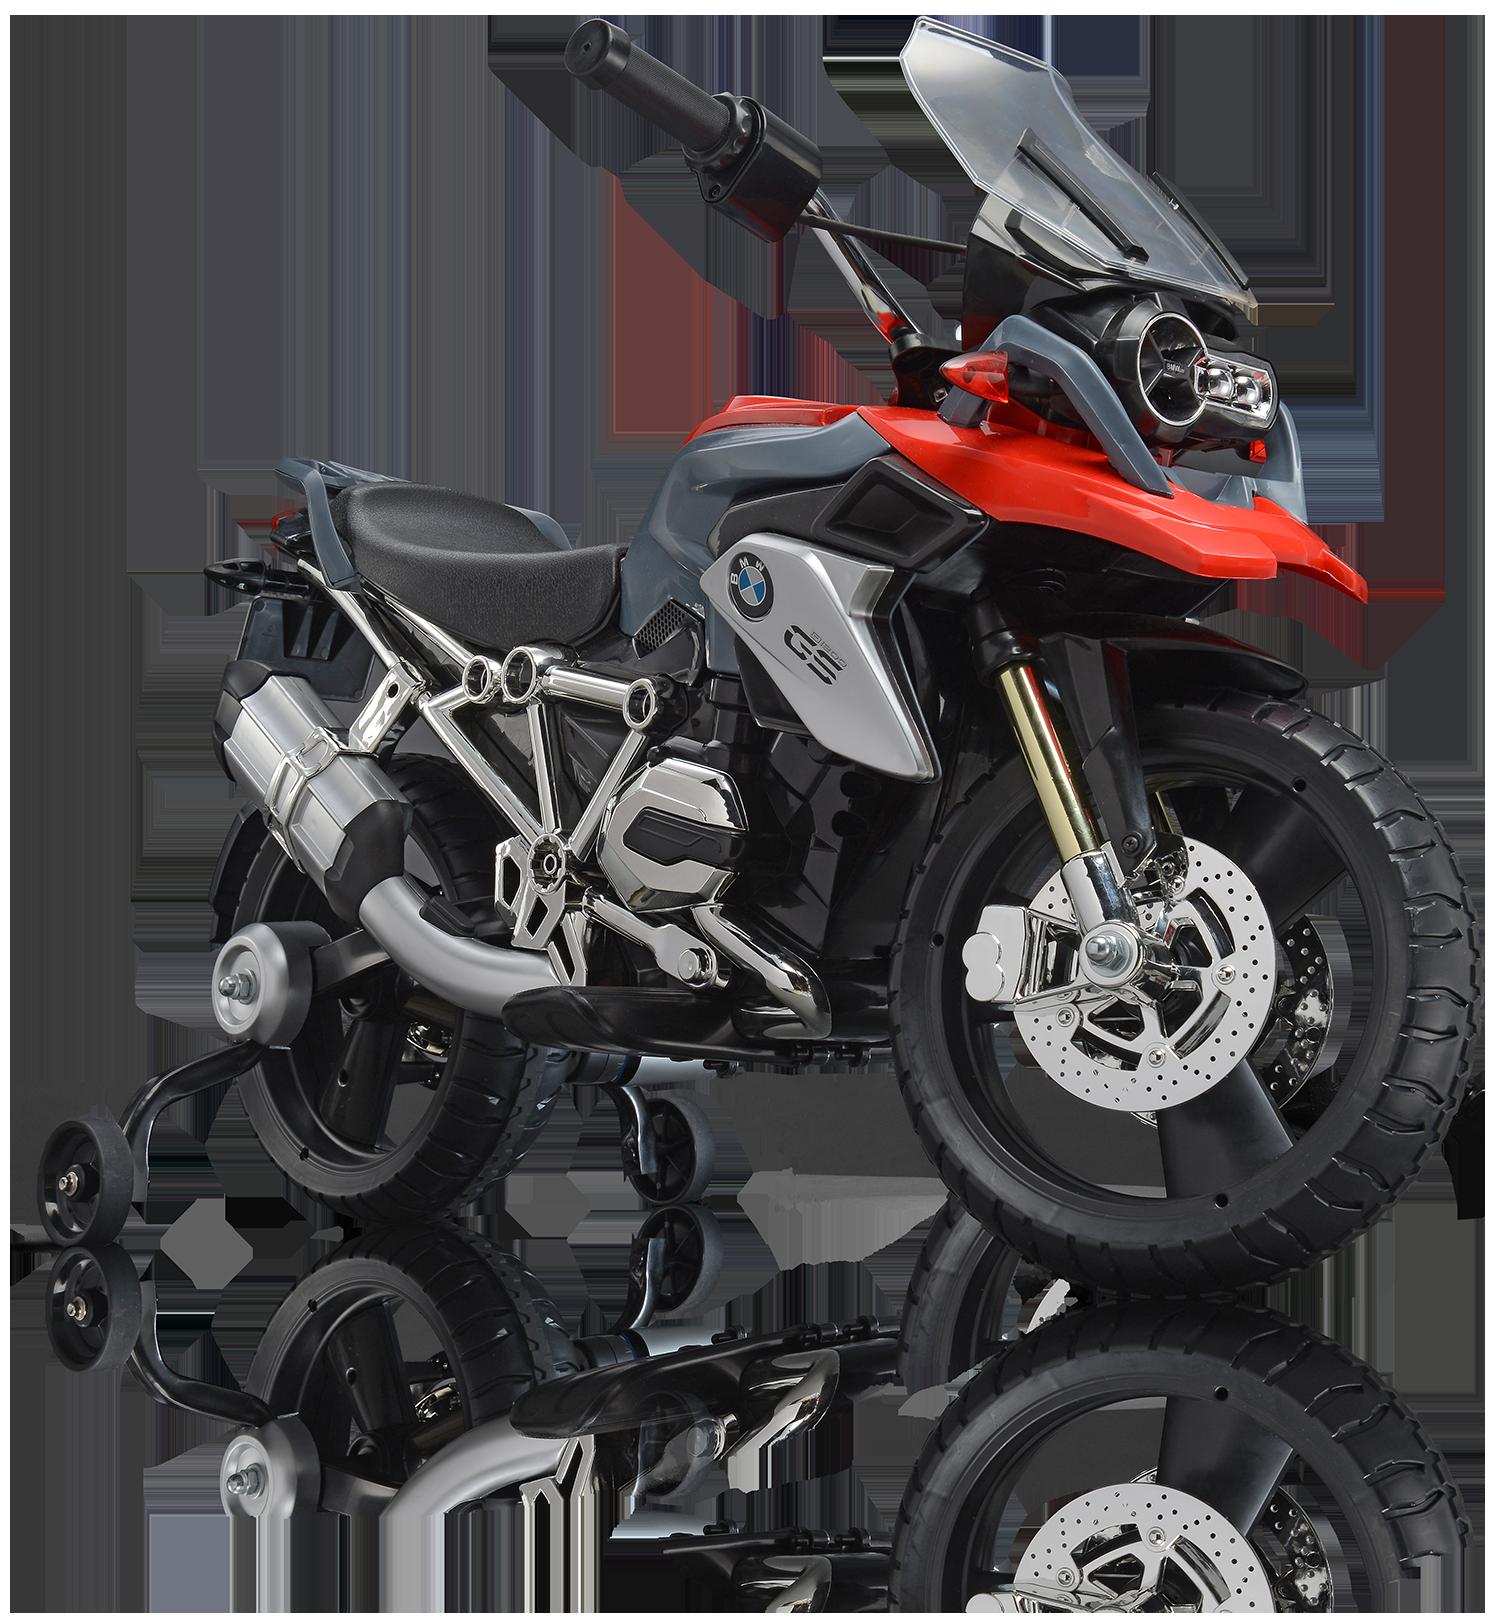 Motocicletta  12v bmw r 1200gs - ROLLPLAY